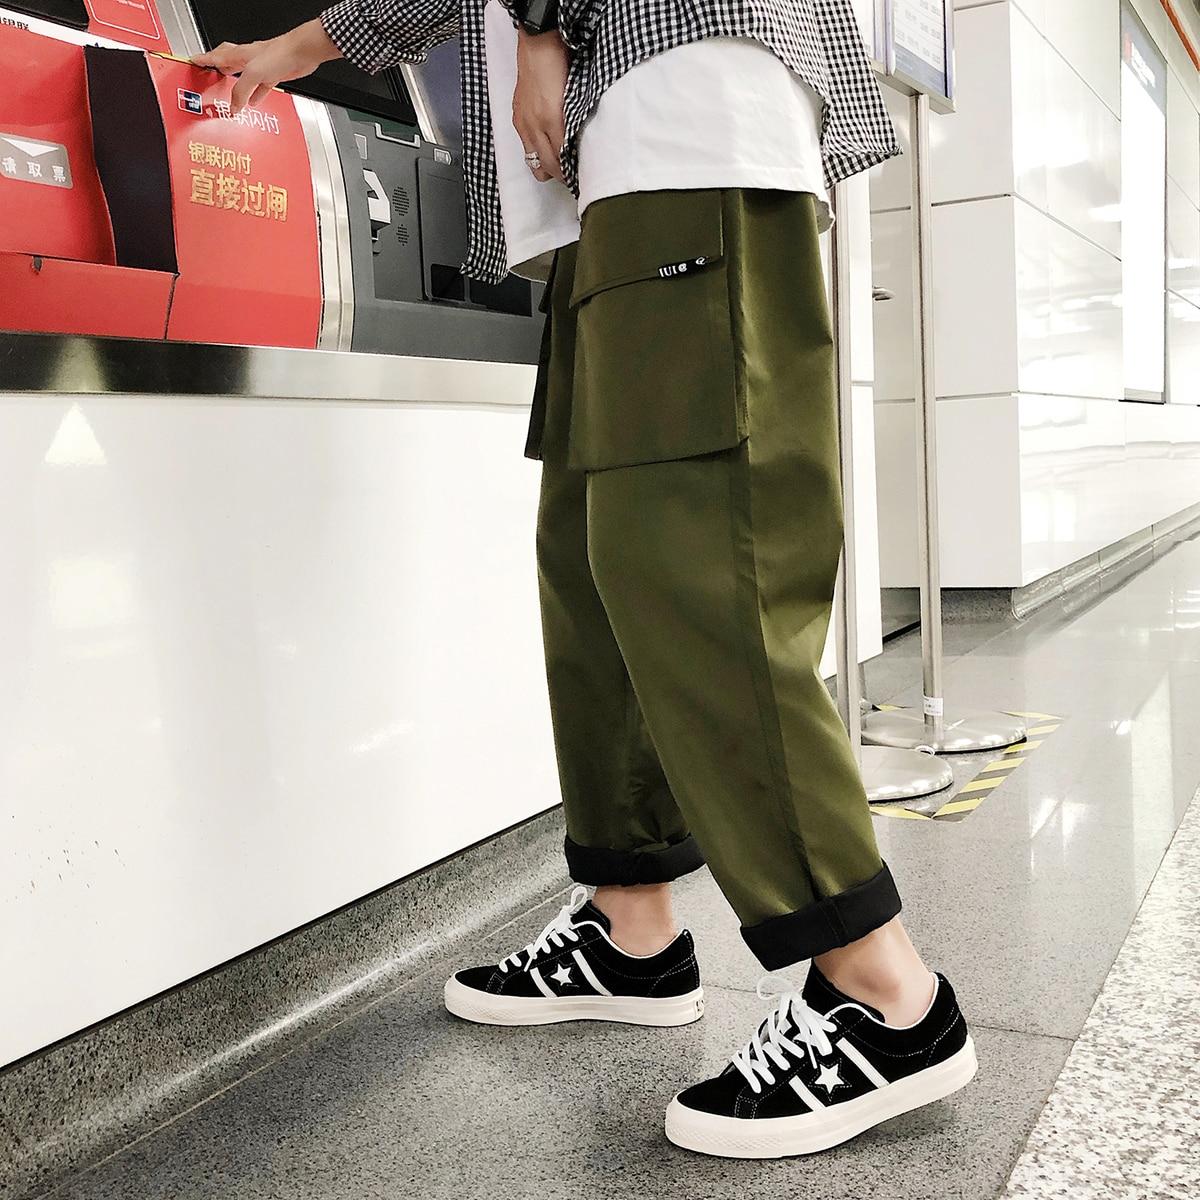 2018 Мужская Мода Multi-pocket Straight Повседневное брюки-карго с эластичной резинкой на талии Свободные Твердые Цвет зеленый/черные брюки Размеры M-2XL